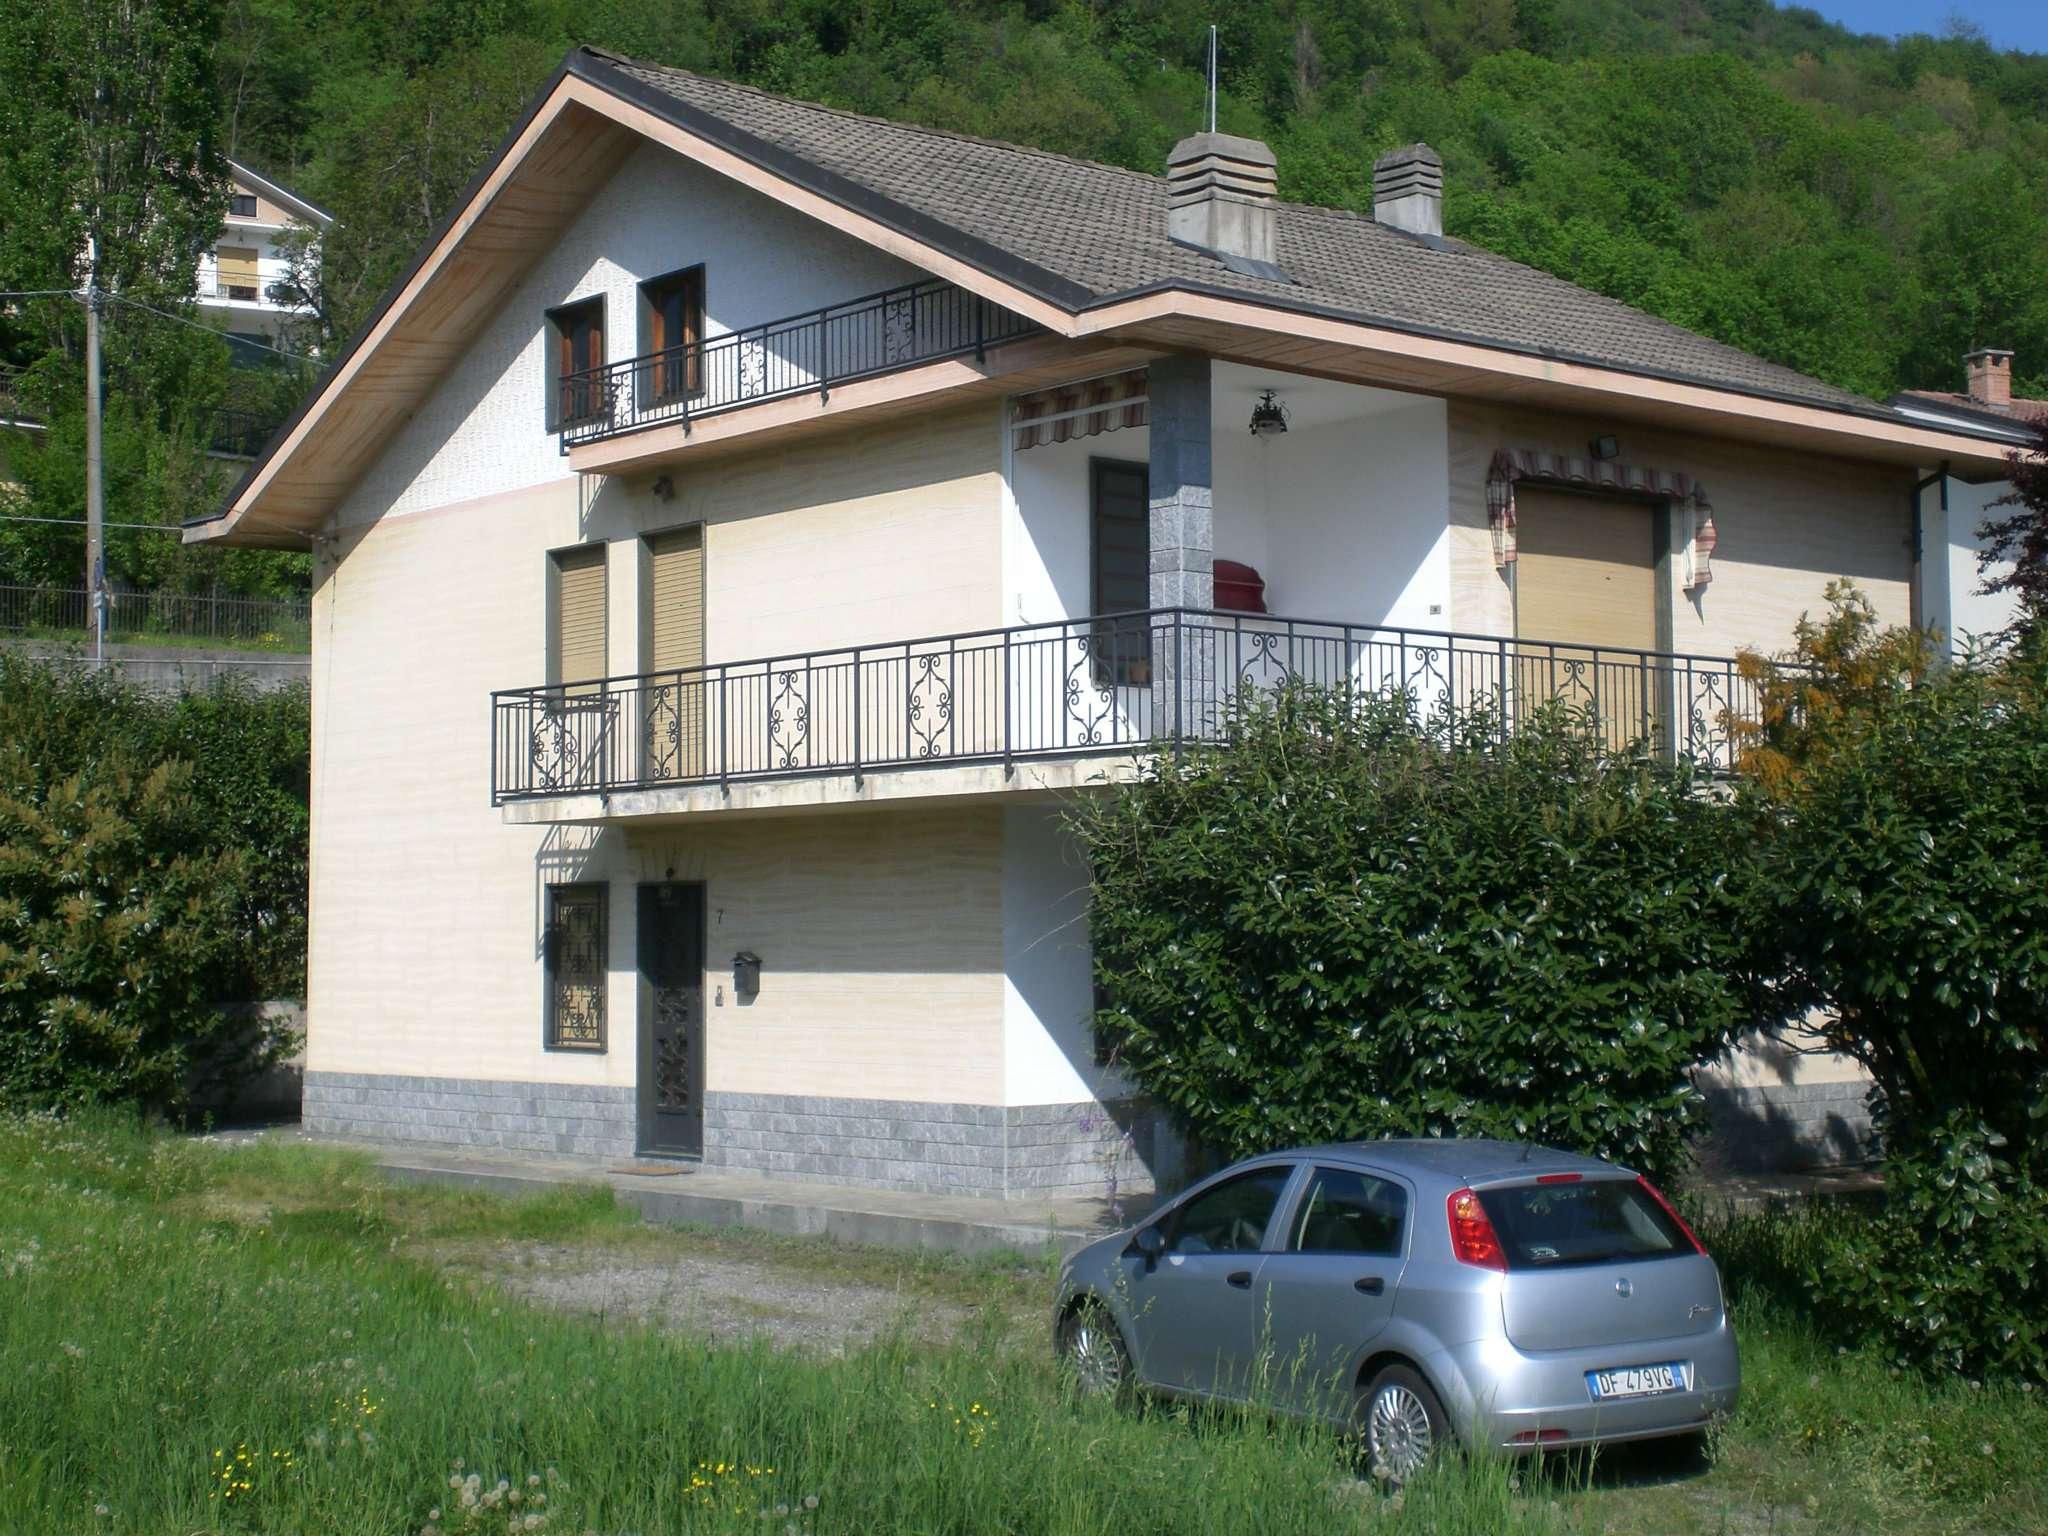 Soluzione Semindipendente in vendita a Caprie, 10 locali, prezzo € 195.000 | CambioCasa.it